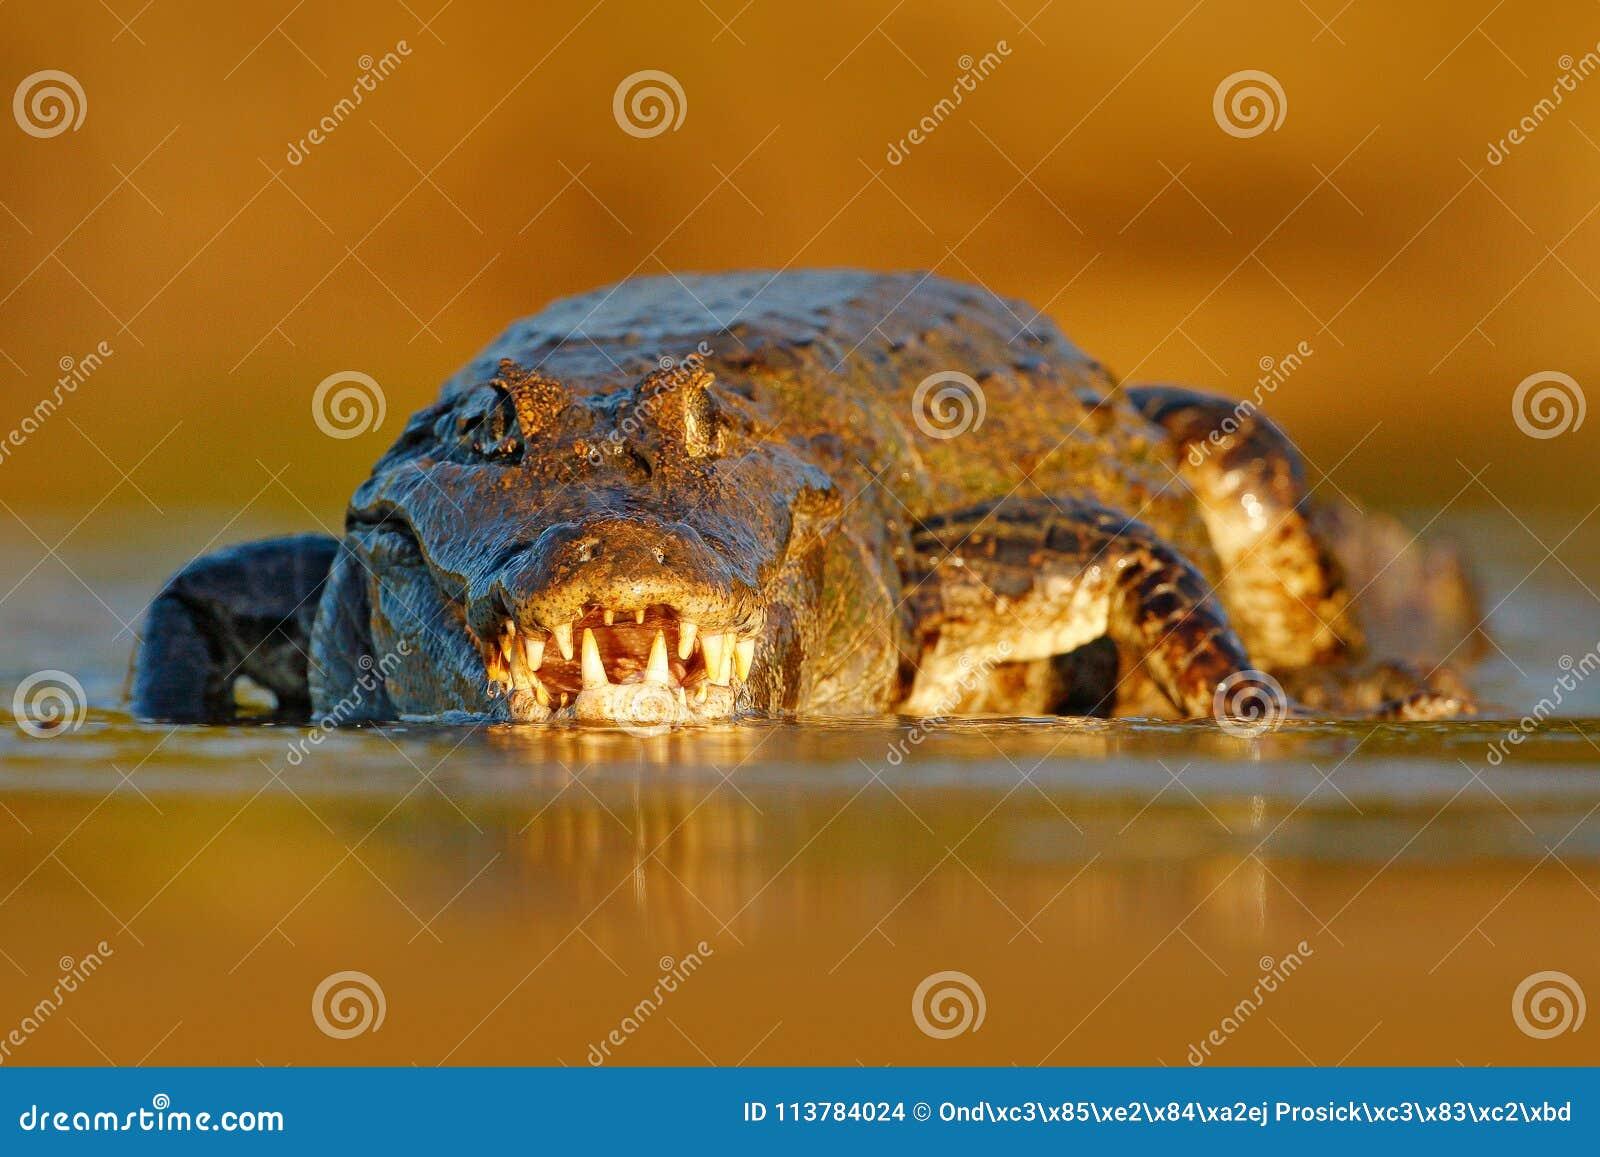 与鳄鱼的晚上光 Yacare凯门鳄,鳄鱼画象在与开放枪口,大牙,潘塔纳尔湿地,巴西的水中 STI